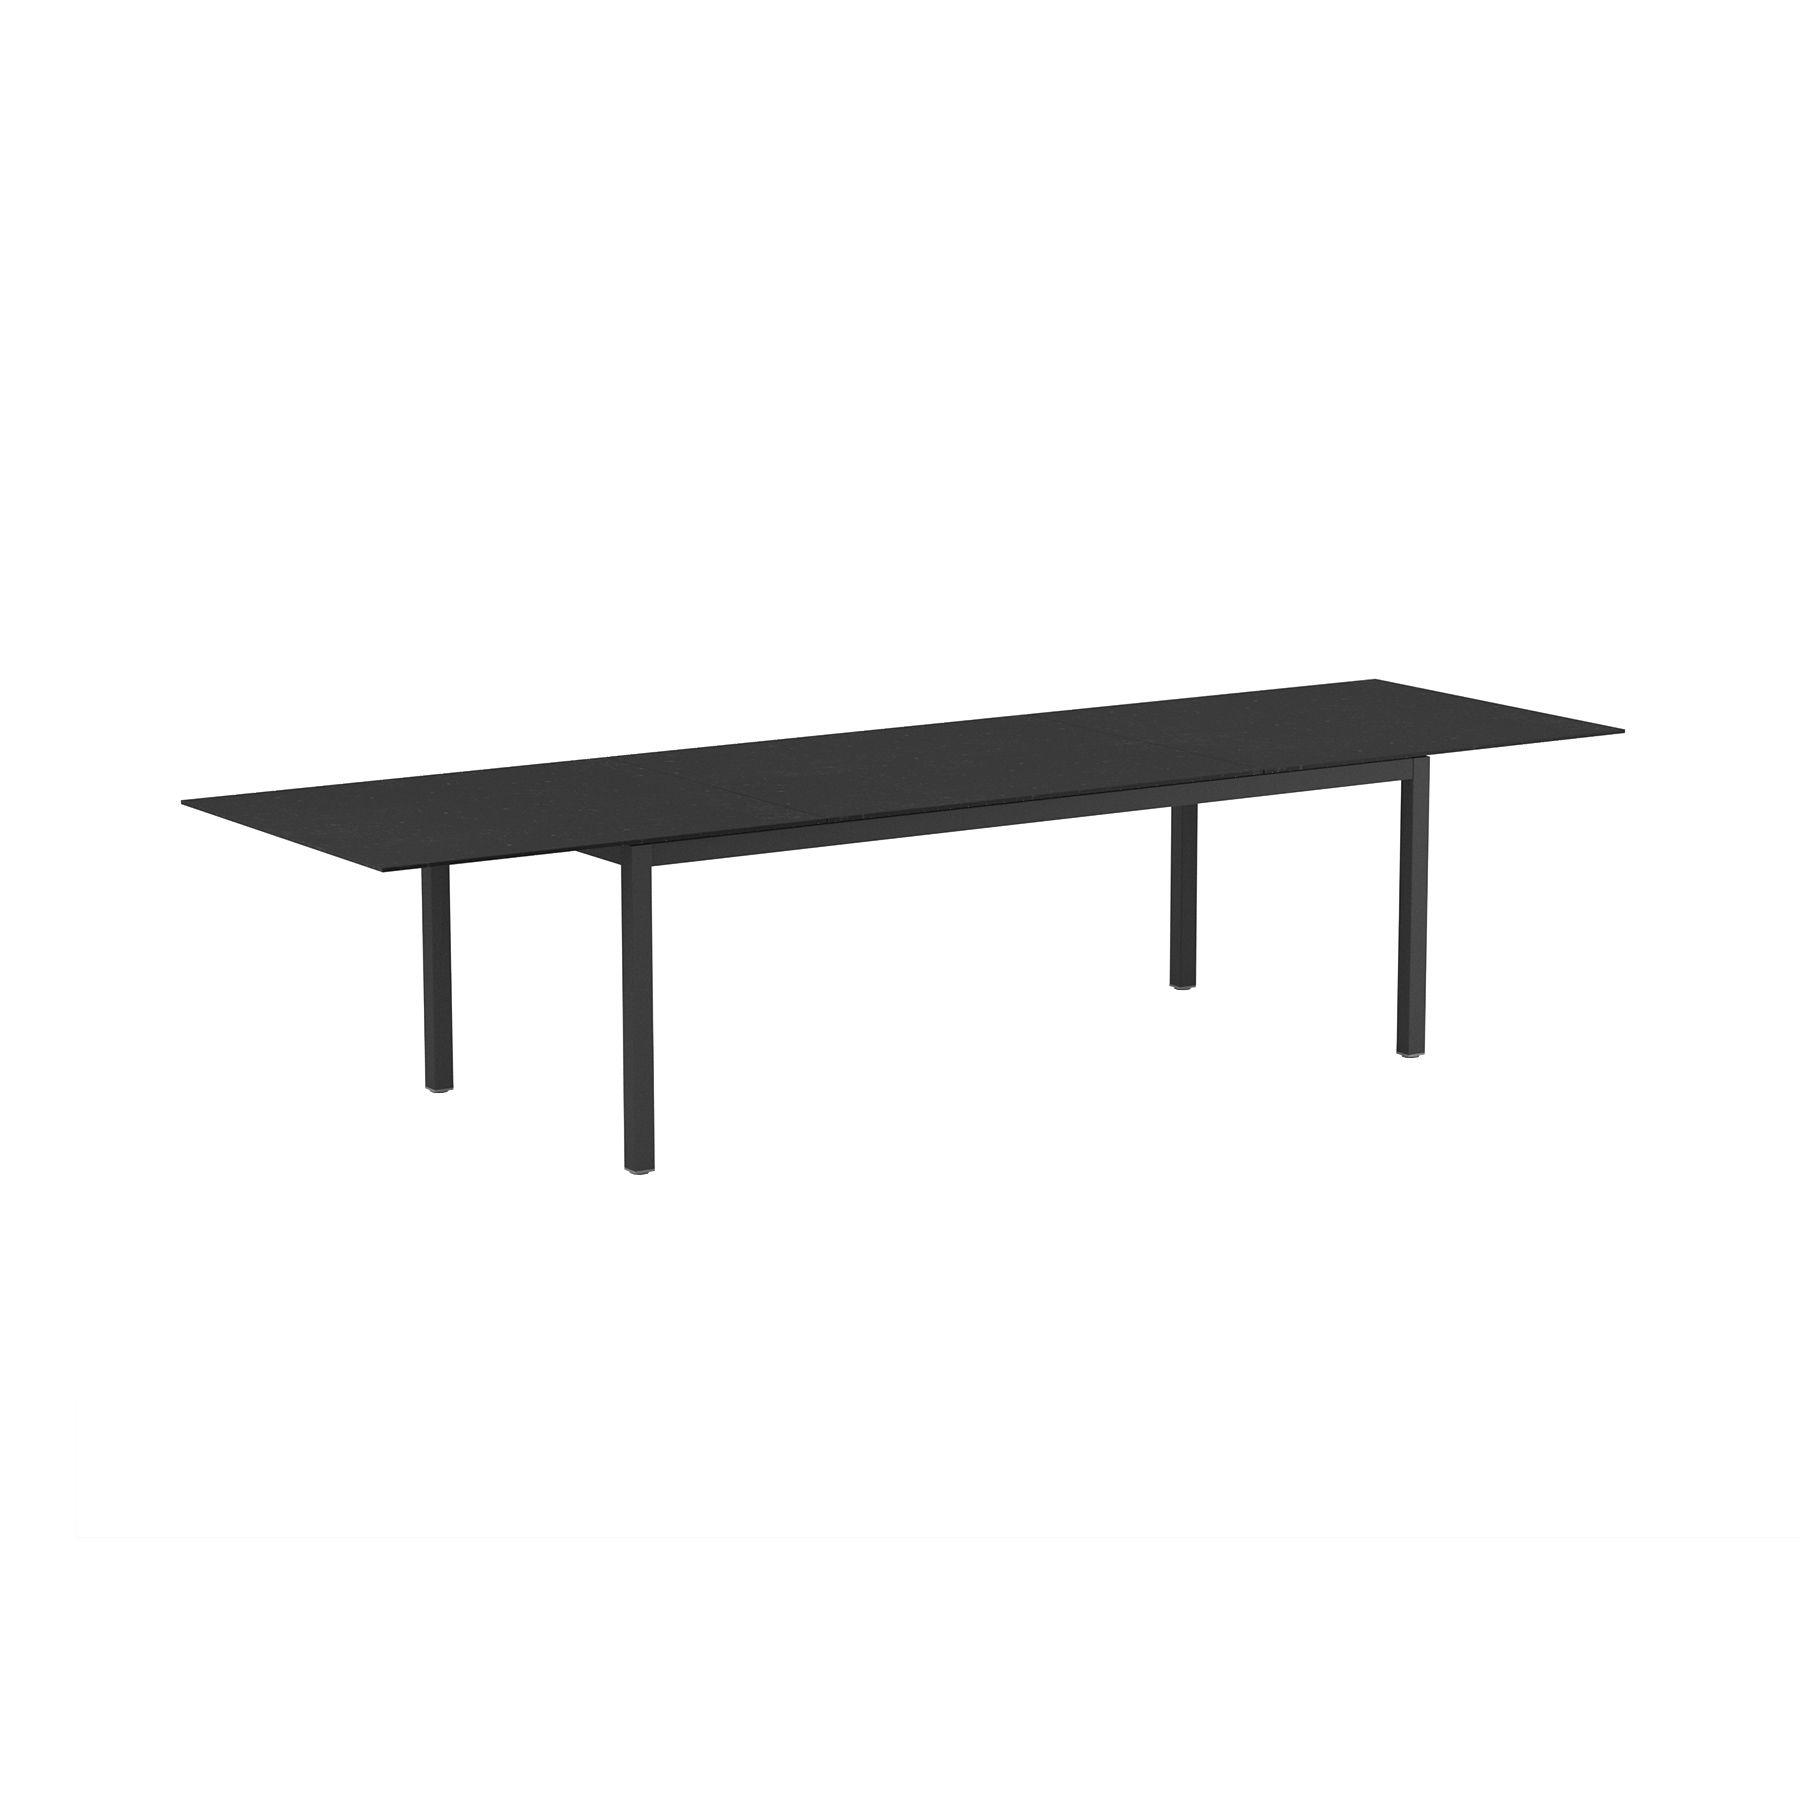 Taboela Extendable Garden Dining Table Designed By Kris